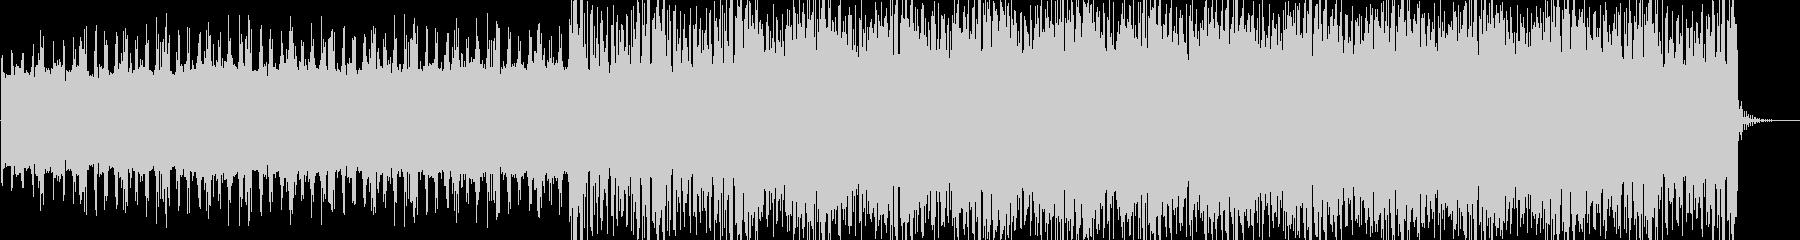 緊迫感 静かな SF系ノイズビートテクノの未再生の波形